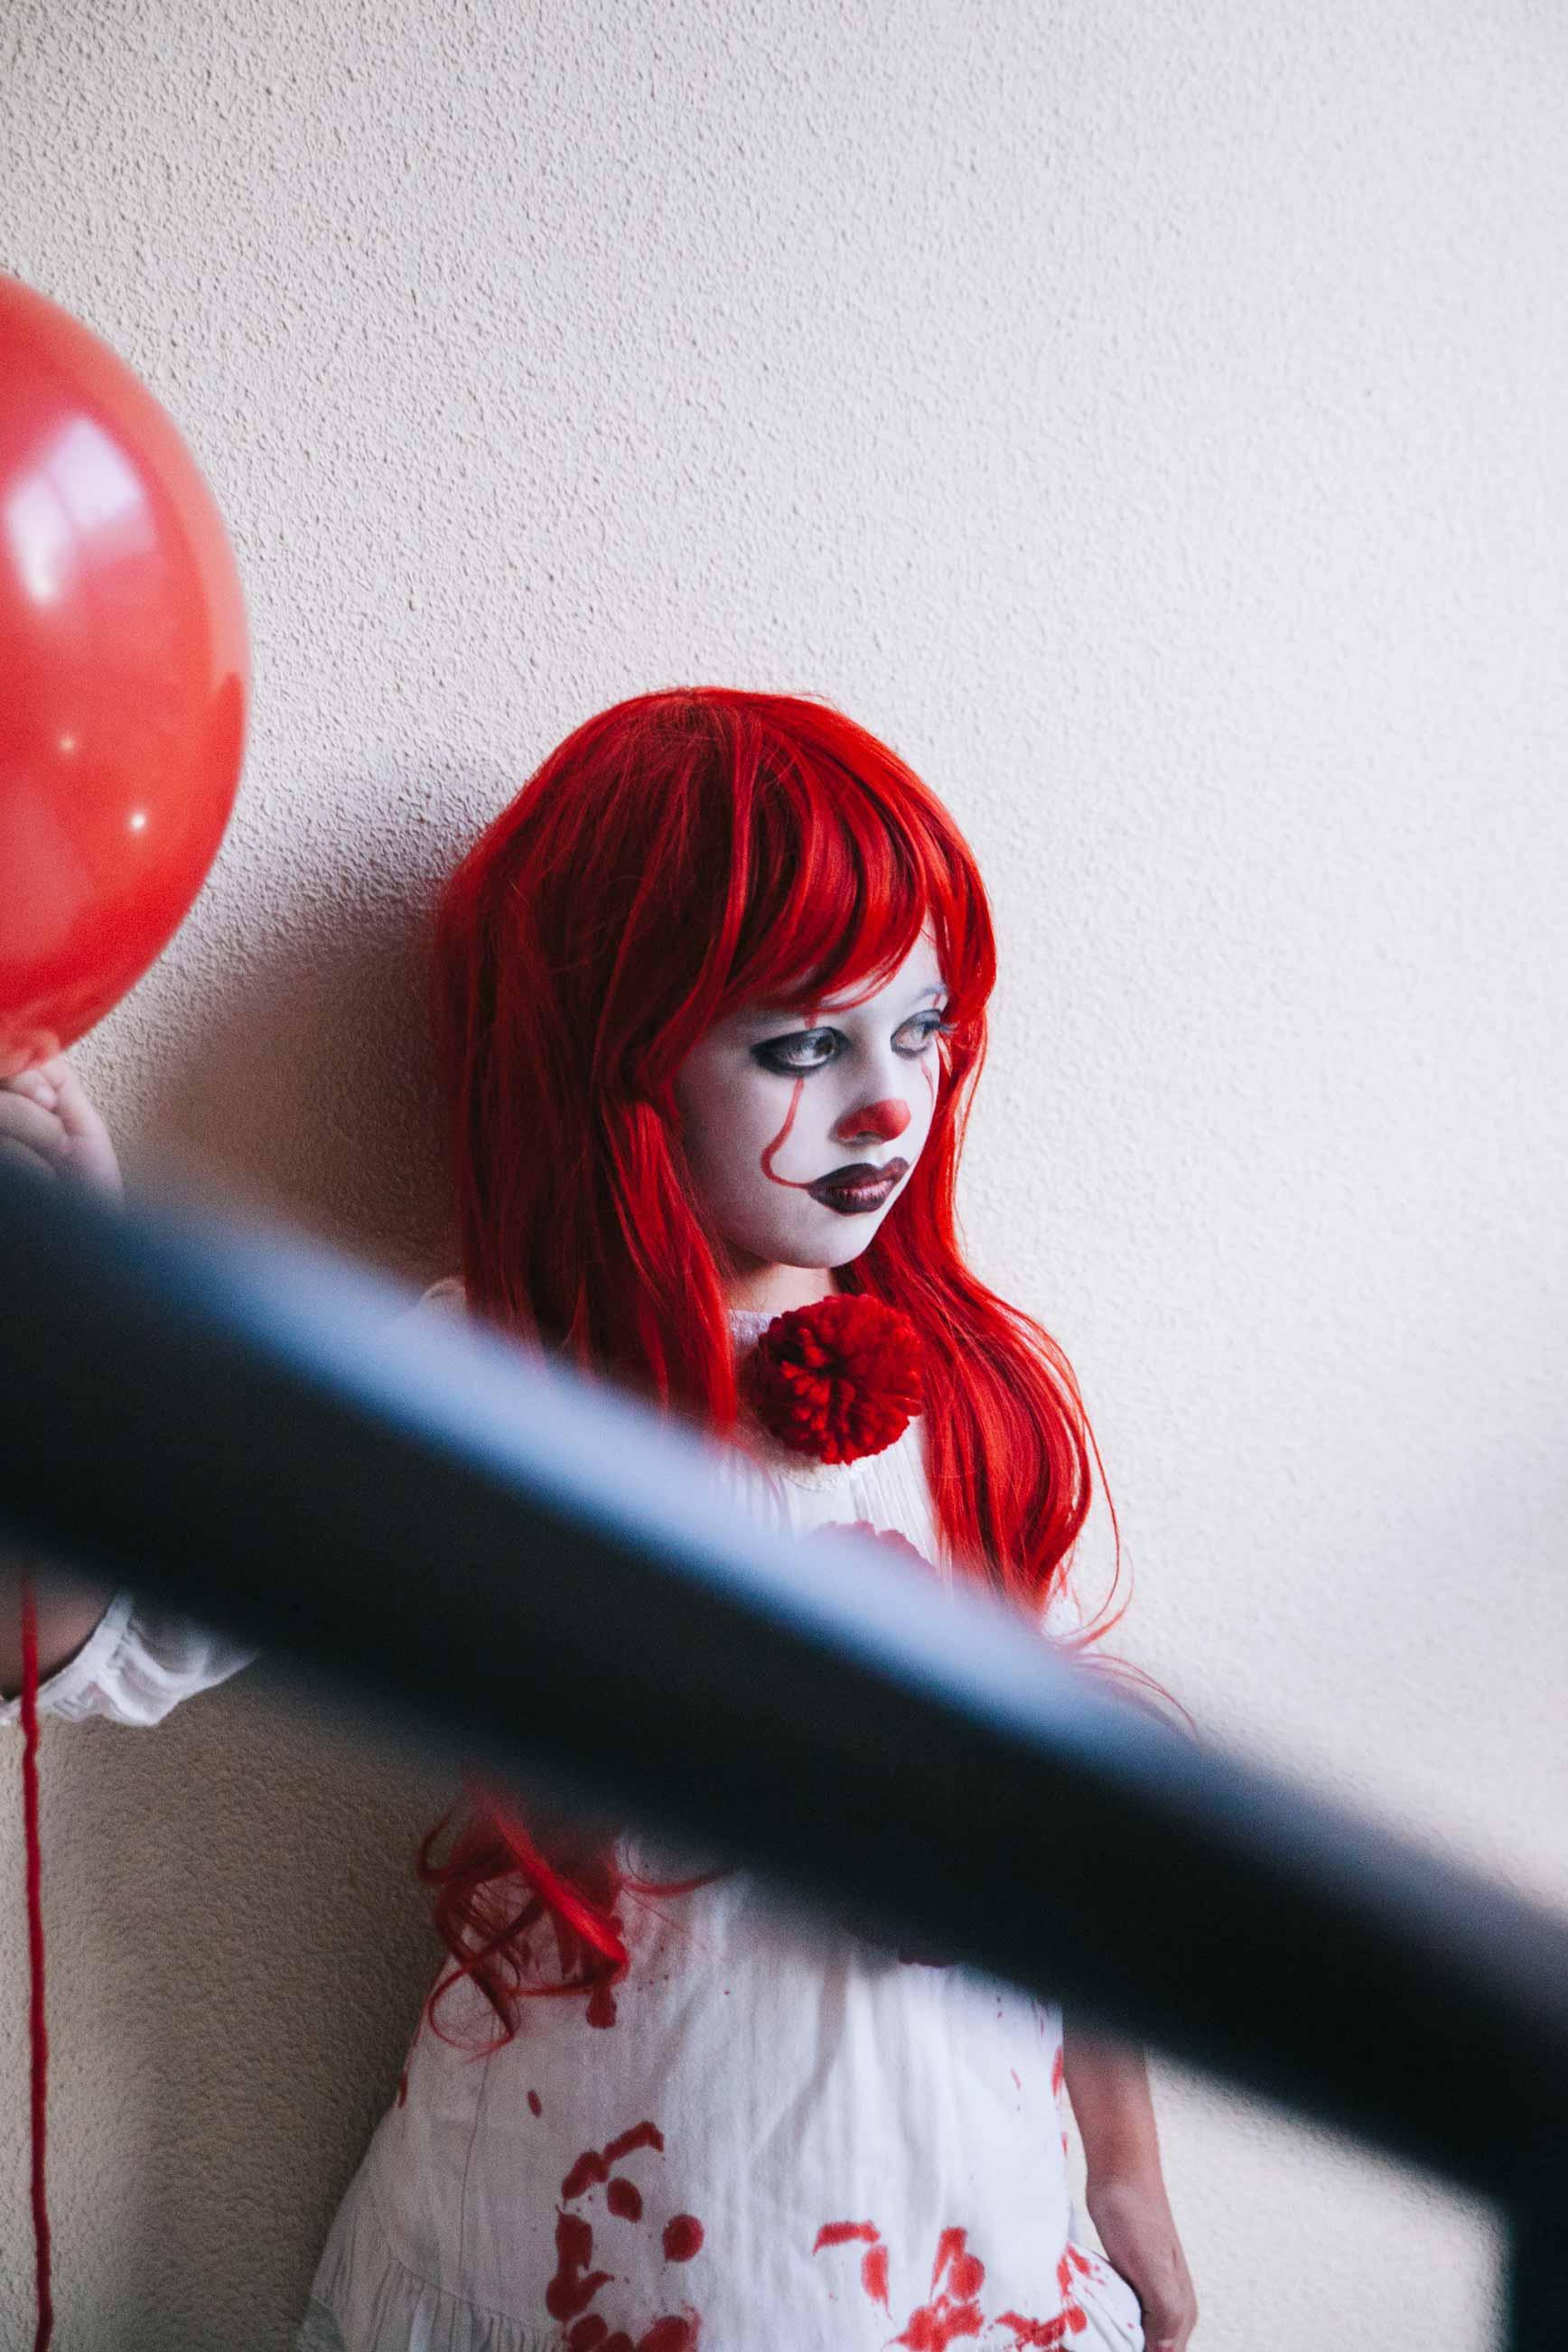 Disfraz casero IT niña_Halloween_claraBmartin_04